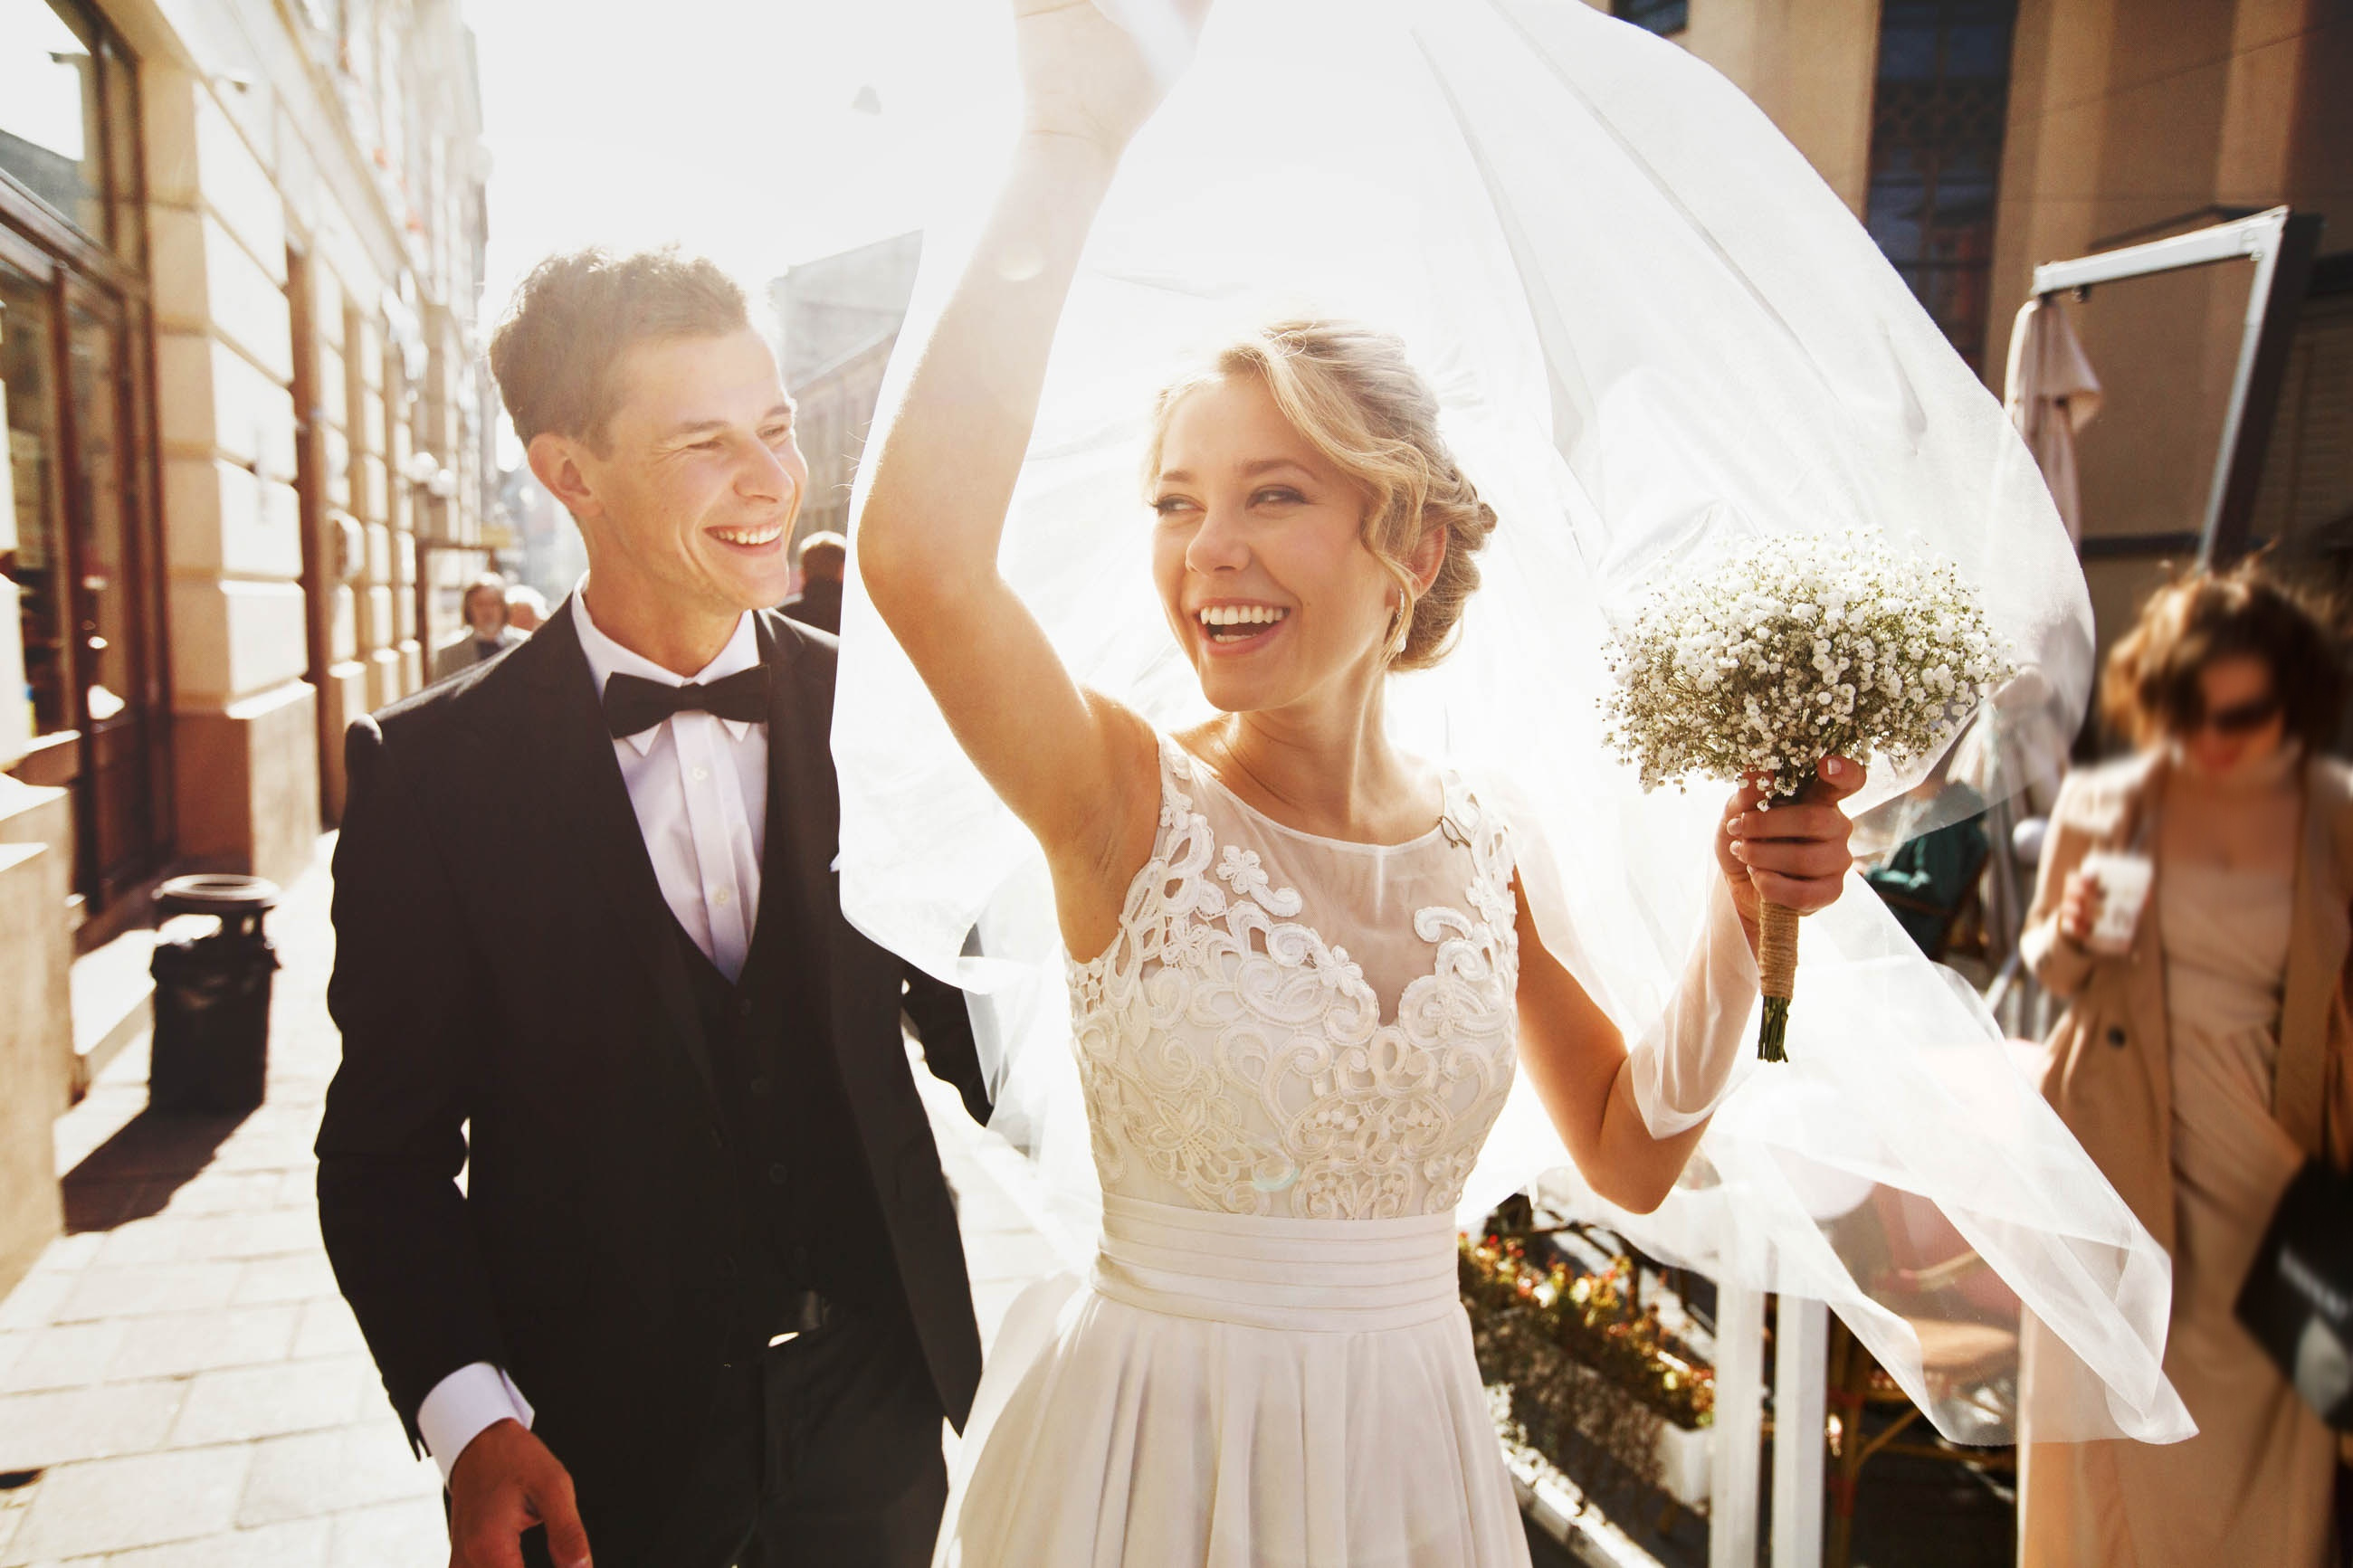 f28d717524 Paznokcie ślubne  Oto 7 najmodniejszych manicure na ślub!